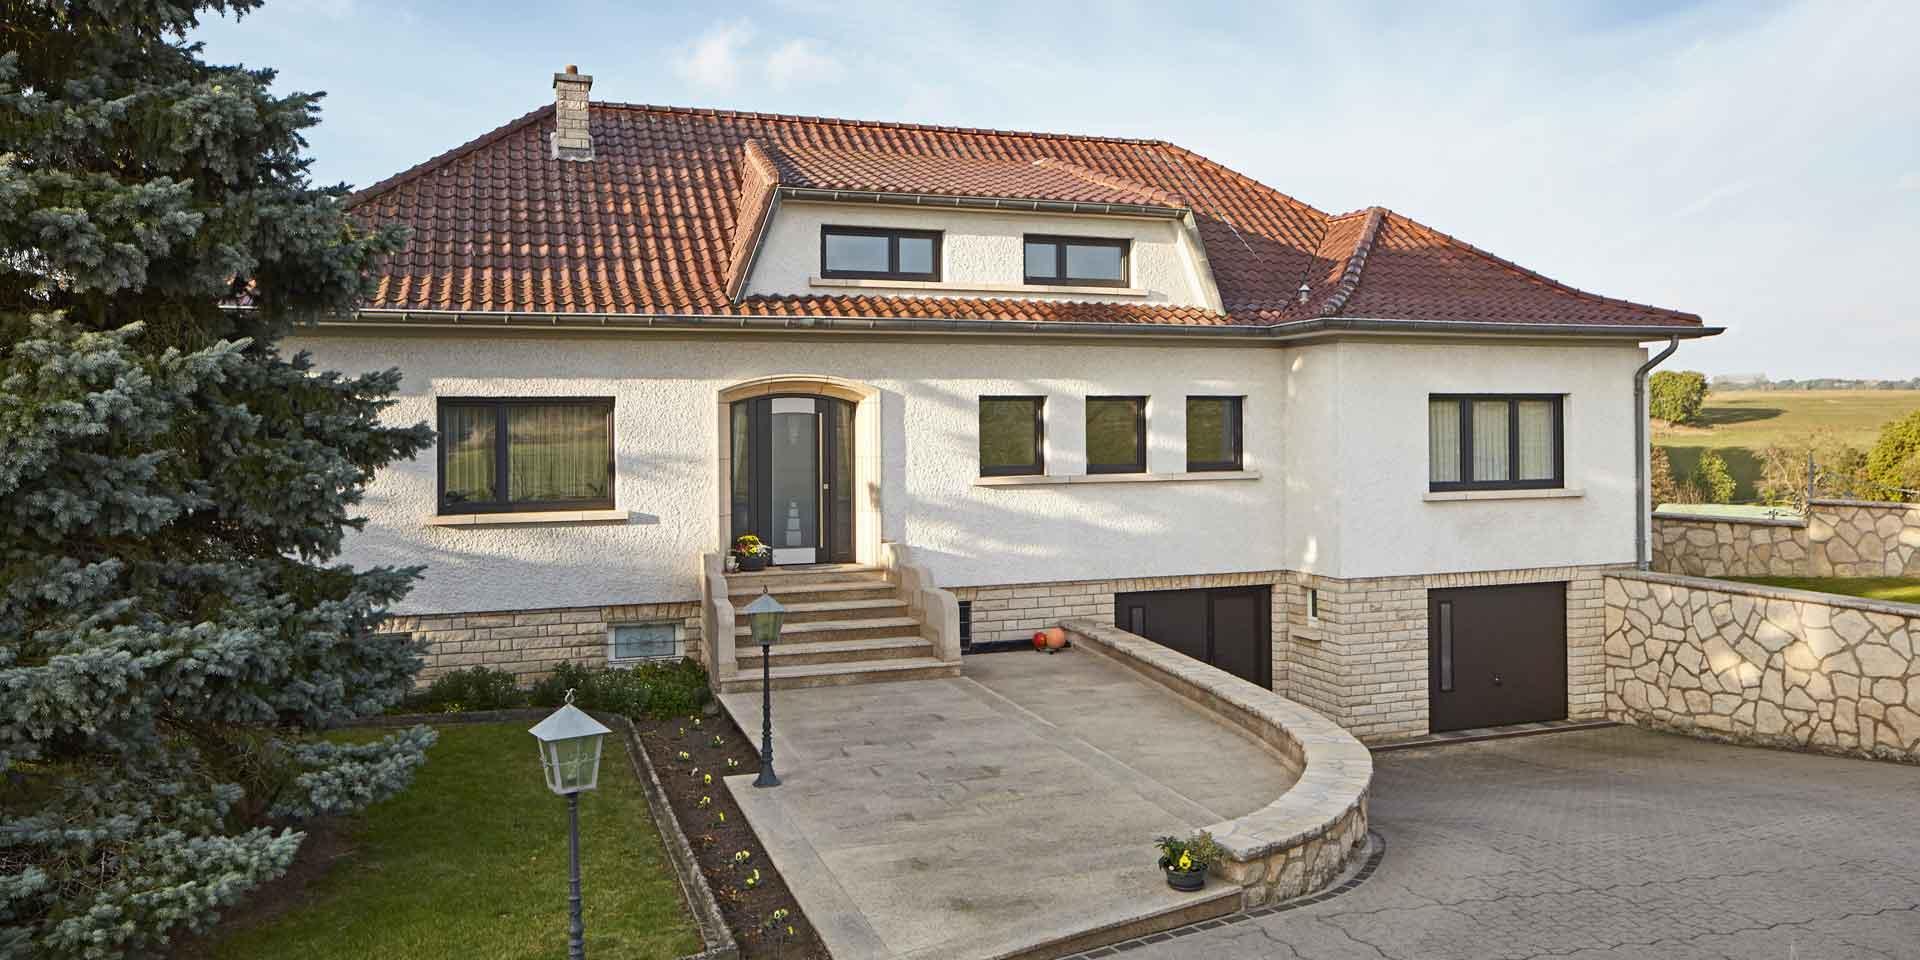 Weißes Einfamilienhaus in Emerange mit einer grauen Coplaning Alu Haustür mit Seitenteilen aus Glas und grauen Coplaning Alu Fenster.